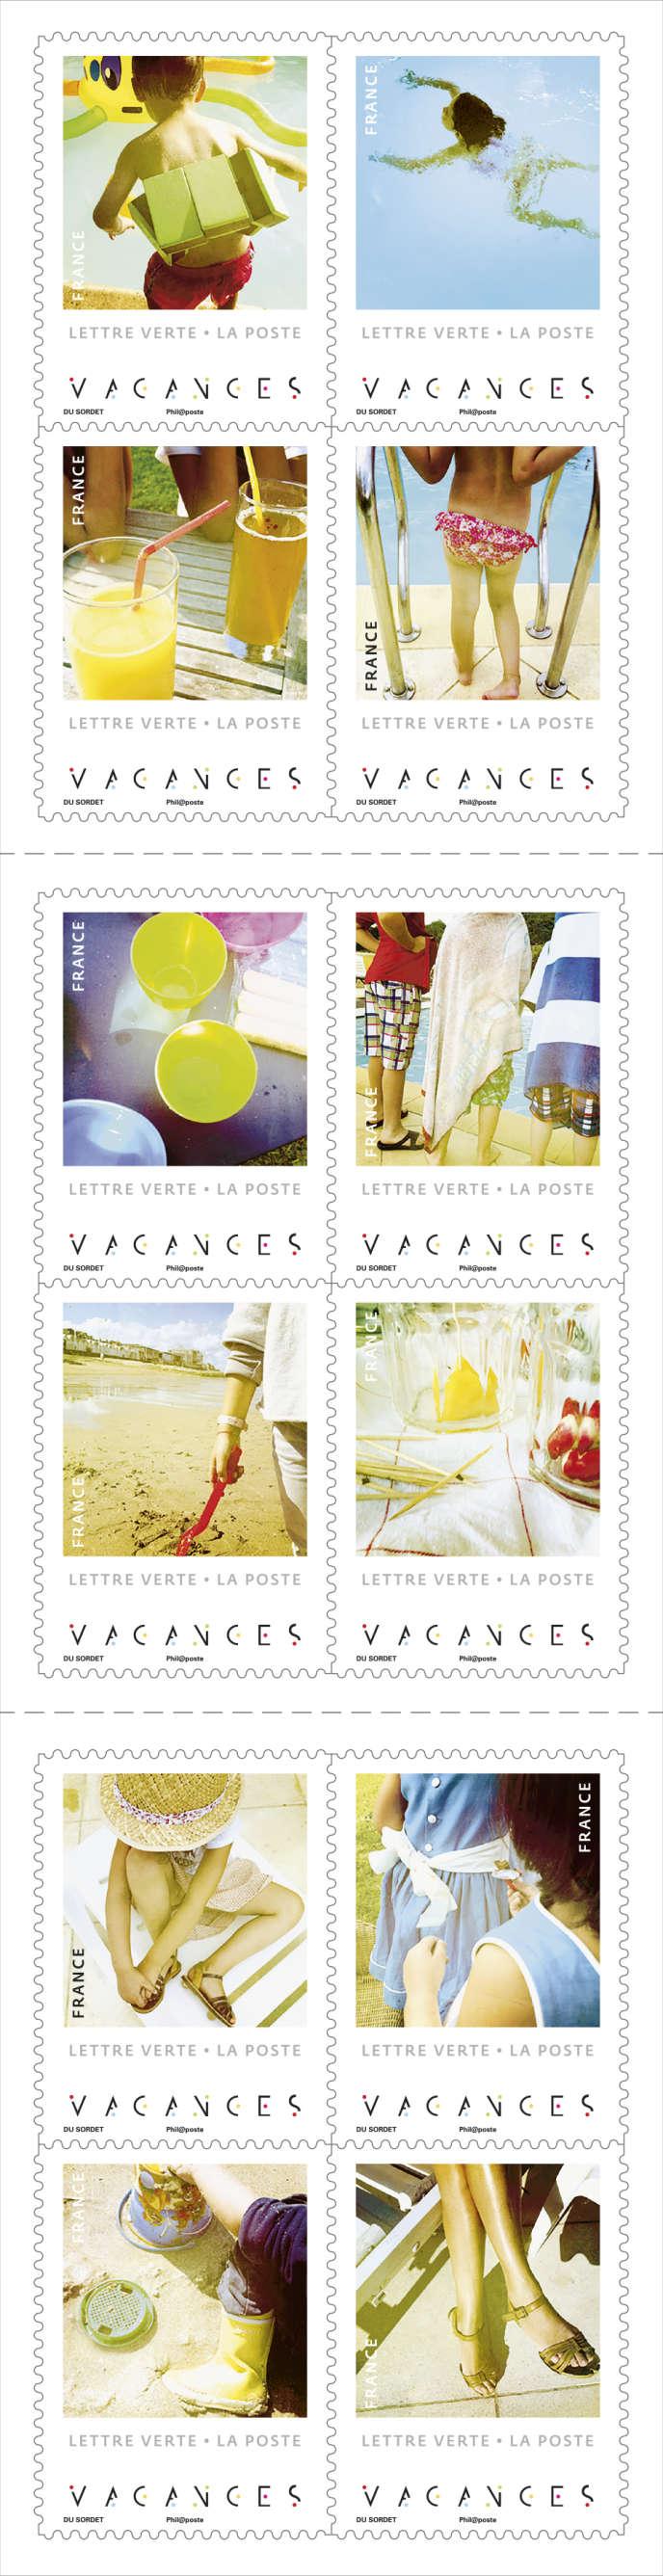 Le carnet de timbres créés par Jacques du Sordet en vente générale le 1er juillet.